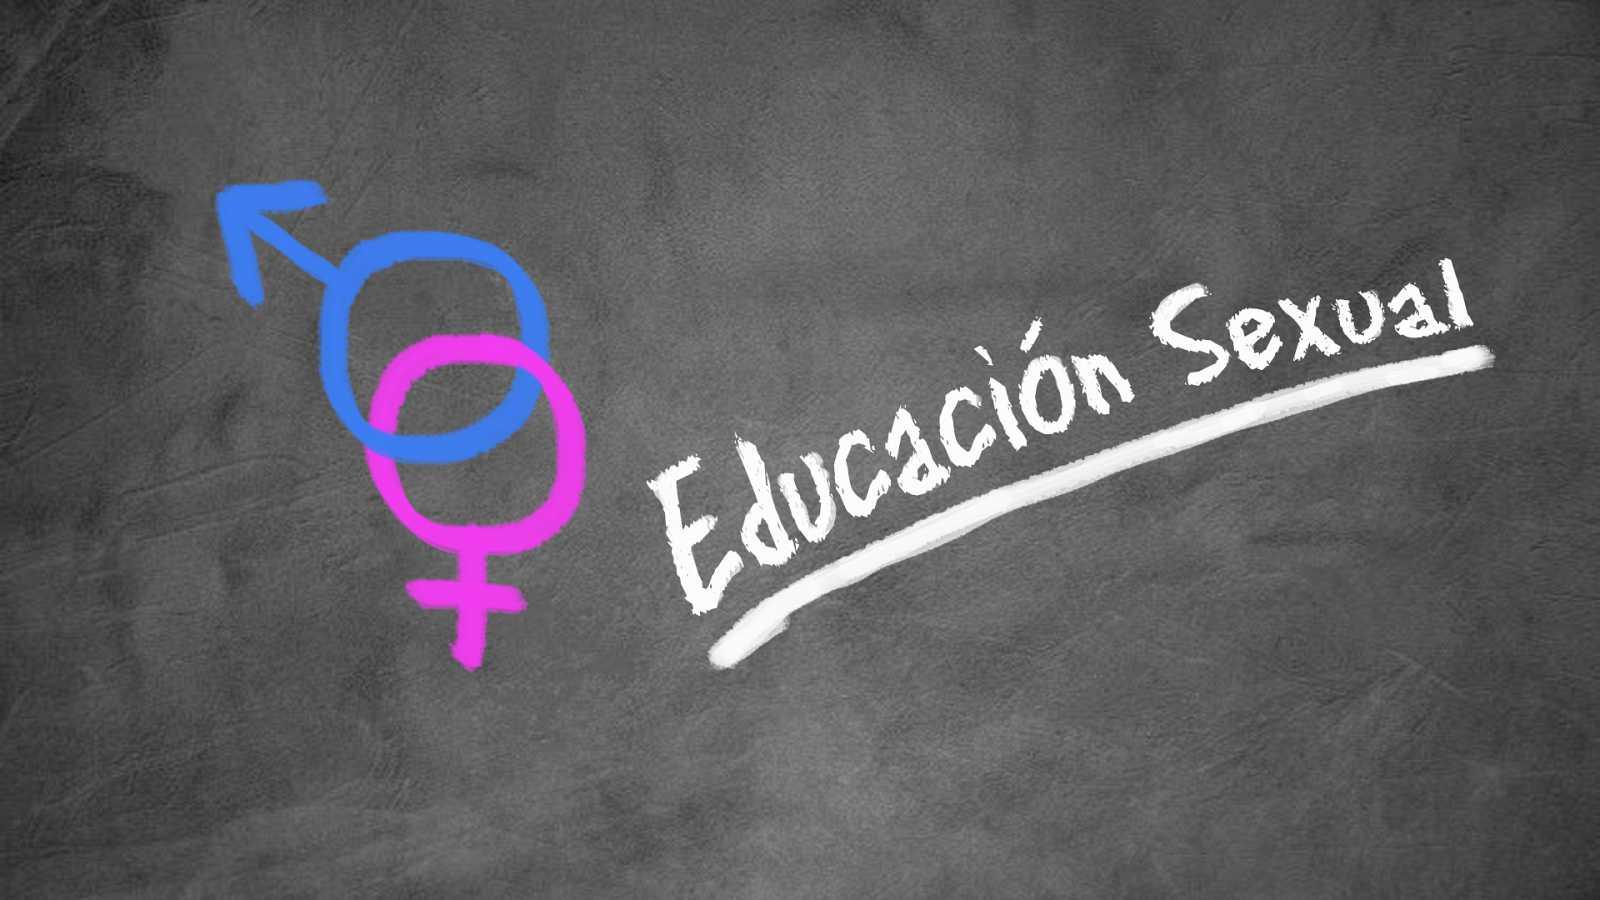 Futuro abierto - Educación sexual - 19/07/20 - escuchar ahora